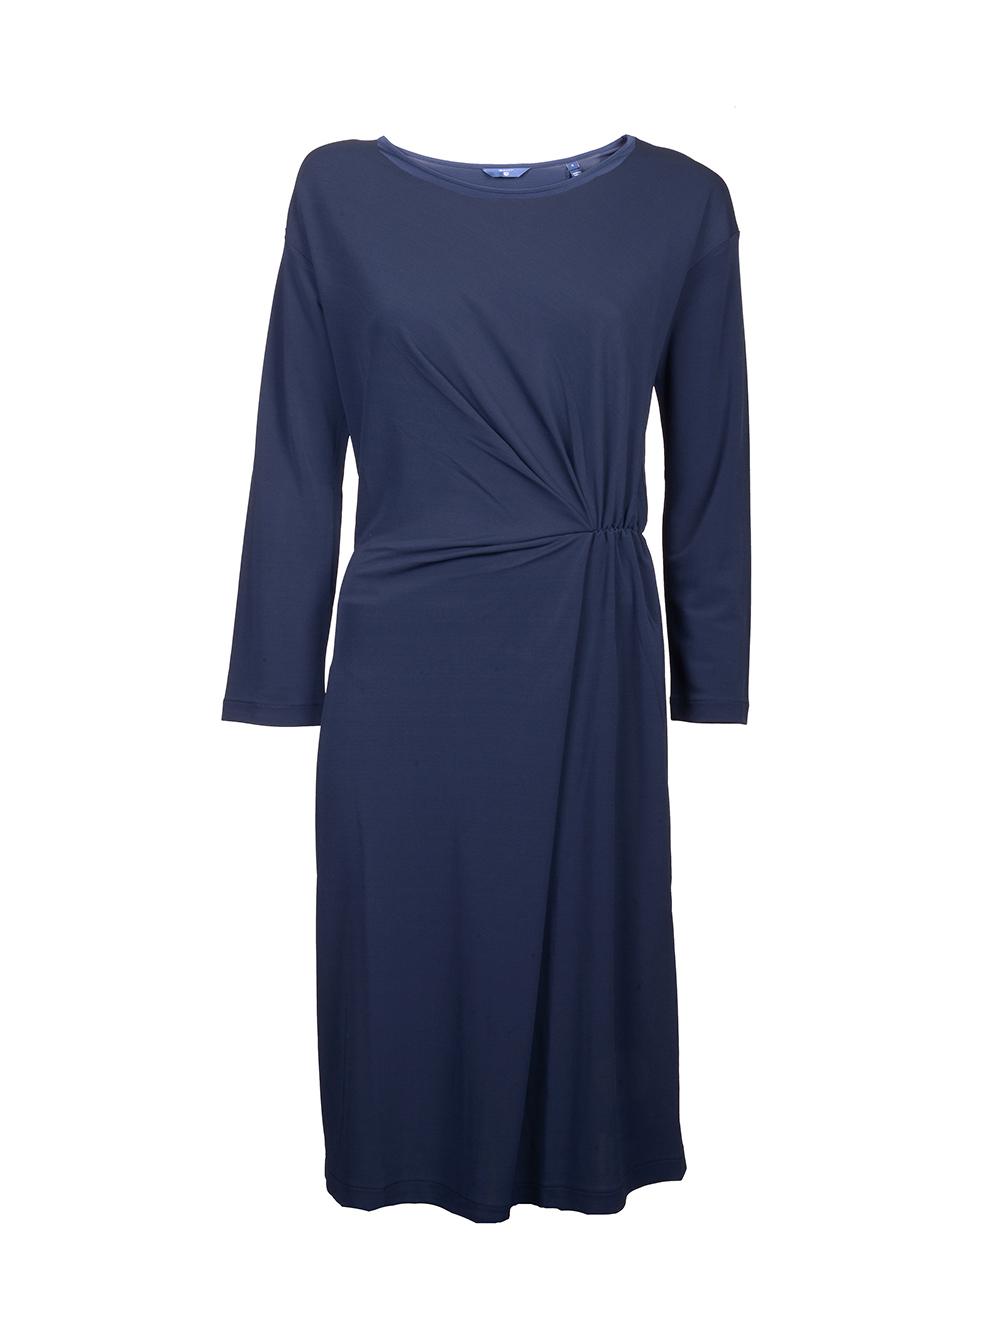 GANT Φόρεμα μακρύ μανίκι 3GW4204316 ΜΠΛΕ